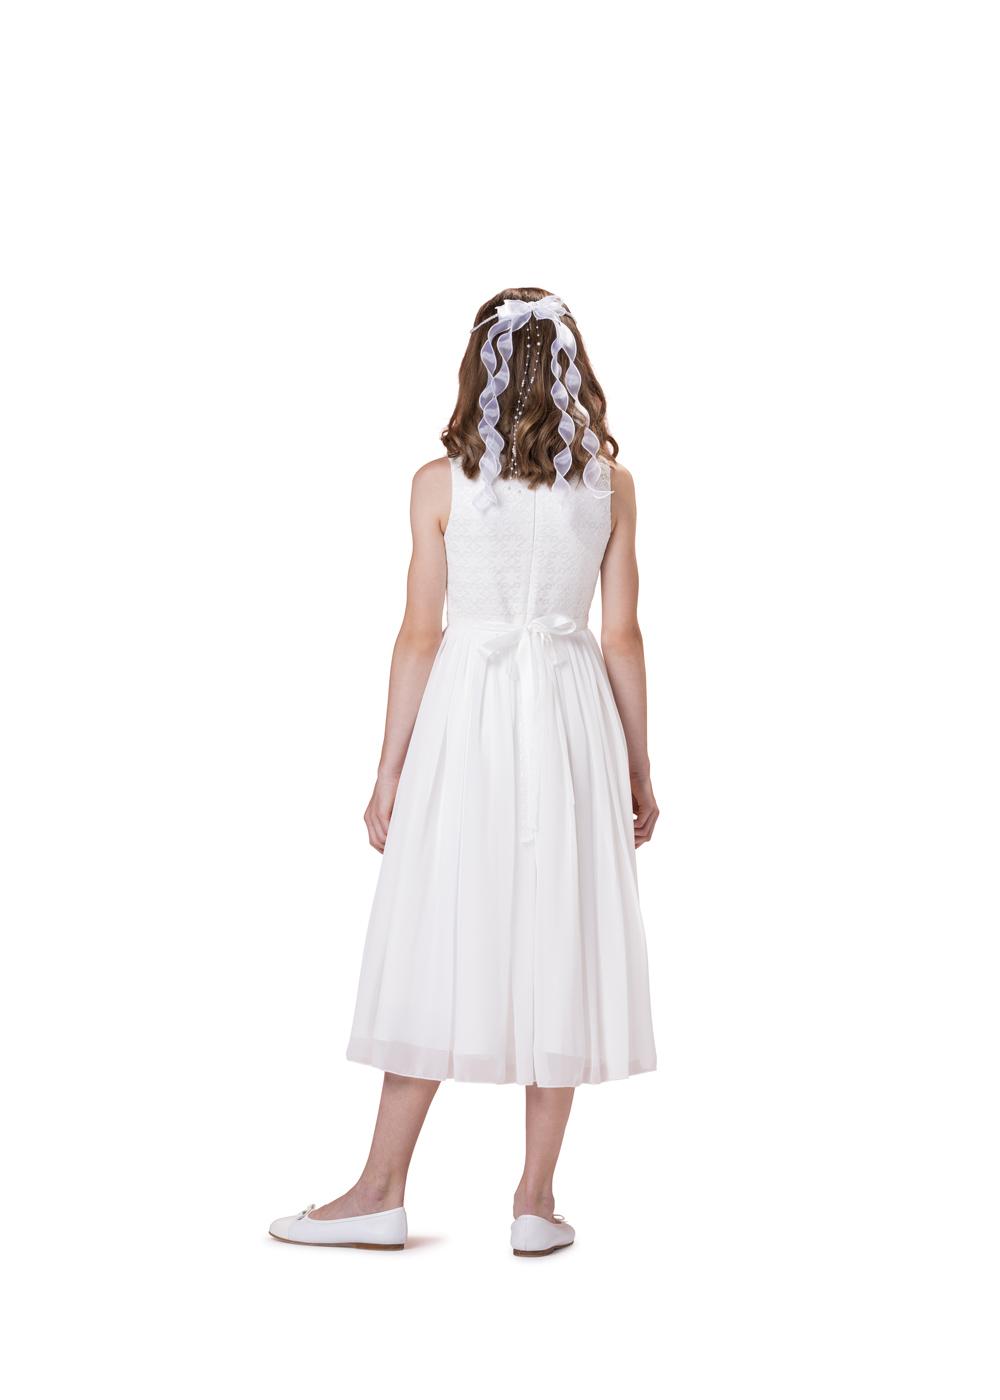 Schlichtes Kommunionkleid von Biancorella - Modell 520033. Schlichtes und dennoch elegantes Kleid mit rundem Ausschnitt ohne Ärmel. Rückenansicht.